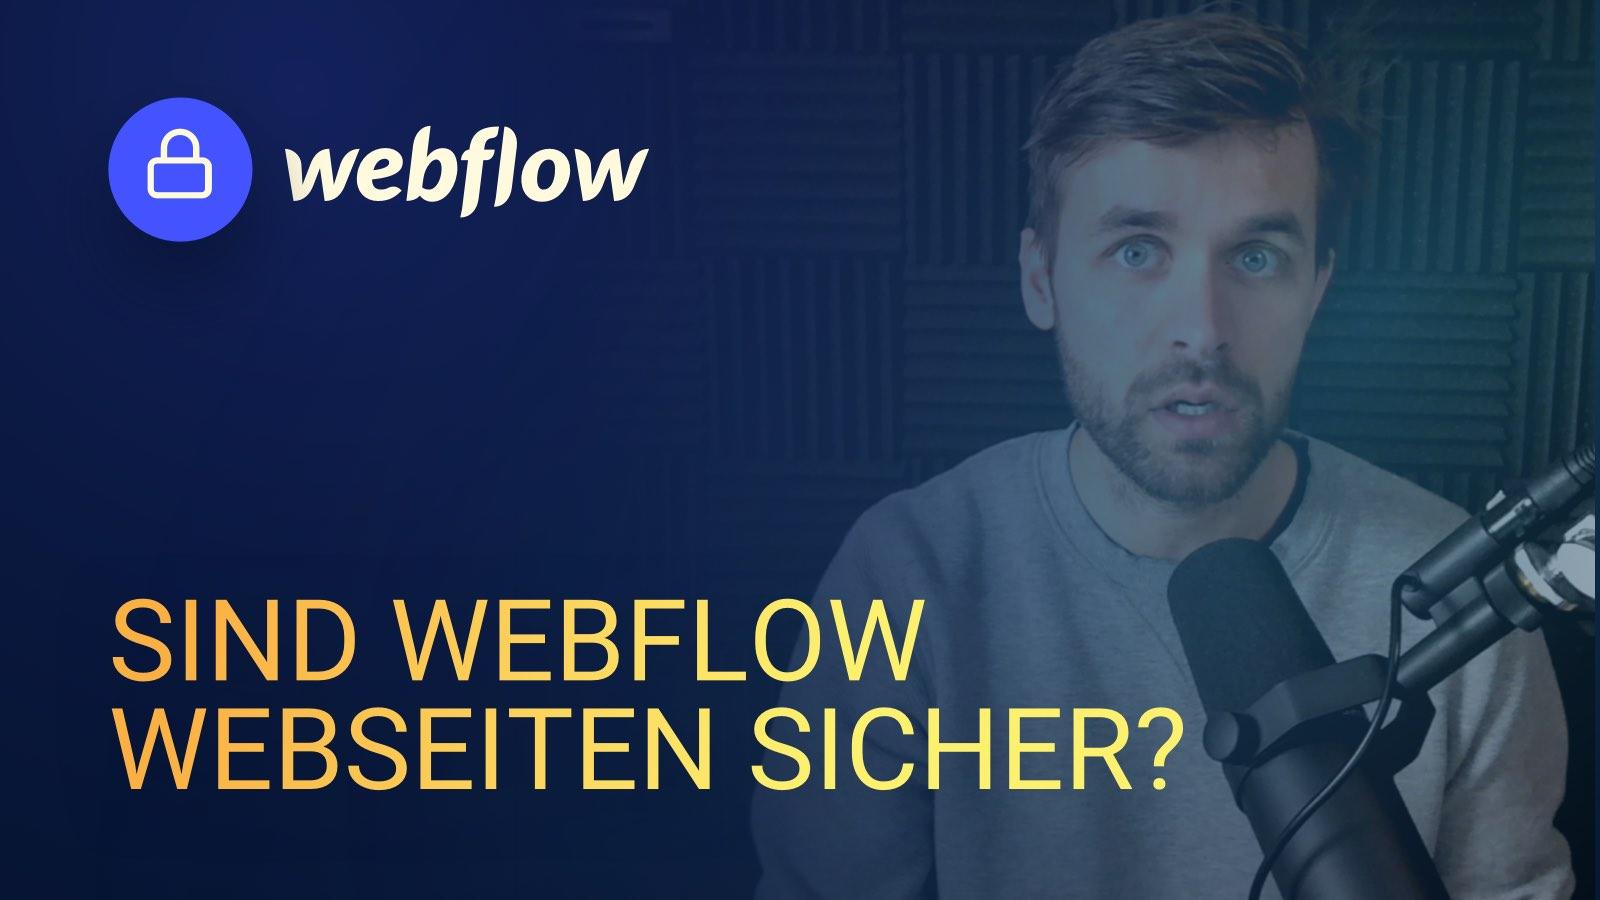 Sind Webflow Webseiten sicher?